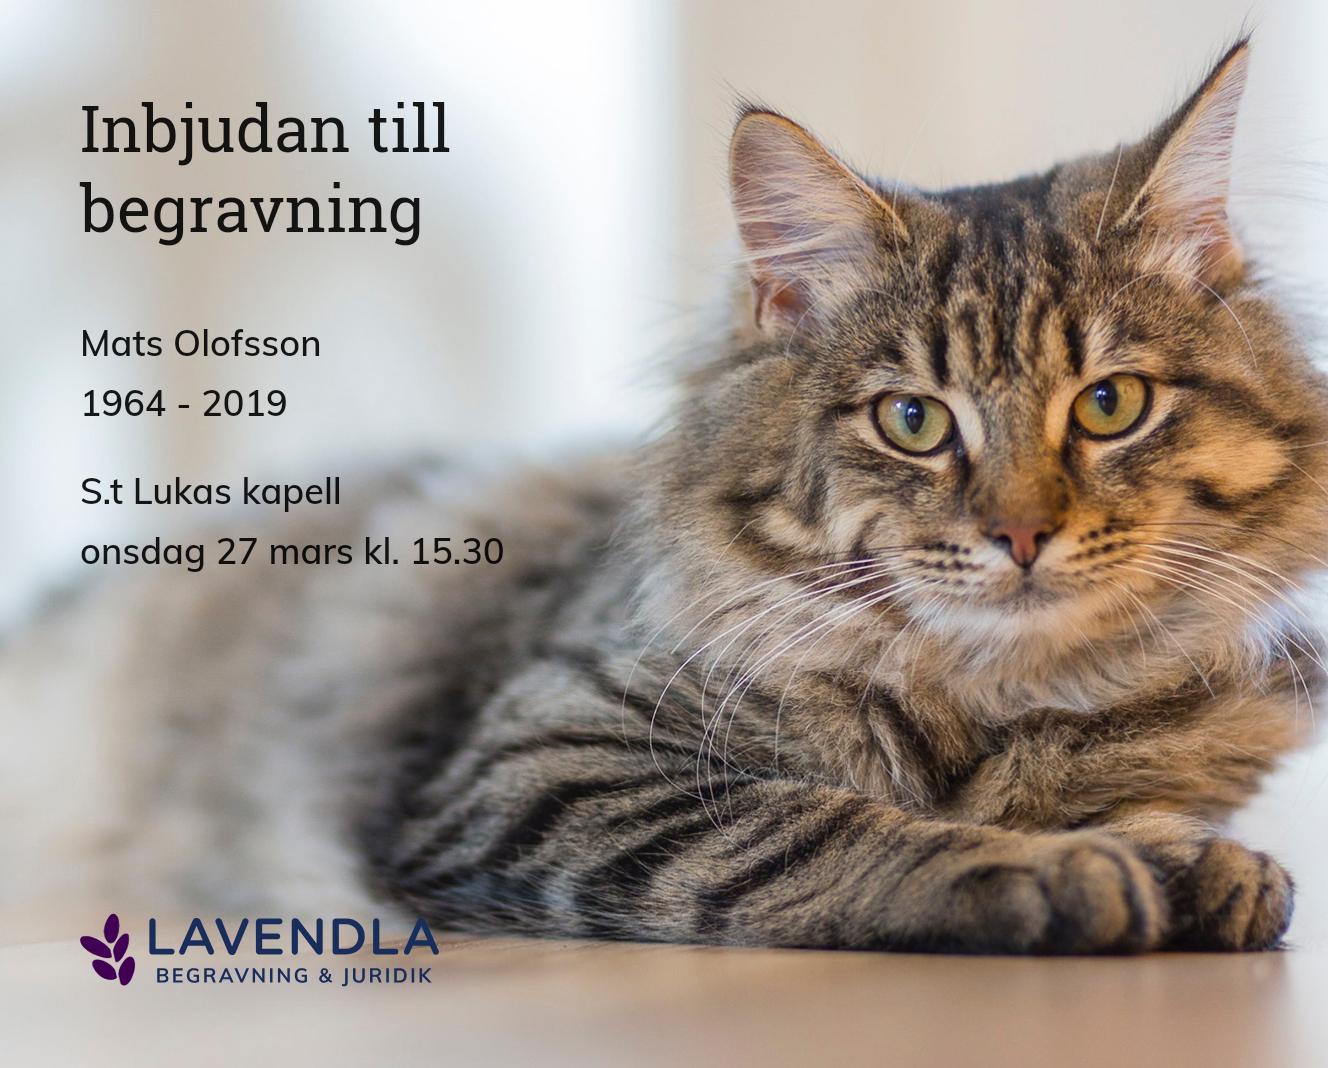 Inbjudningskort till ceremonin för Mats Olofsson